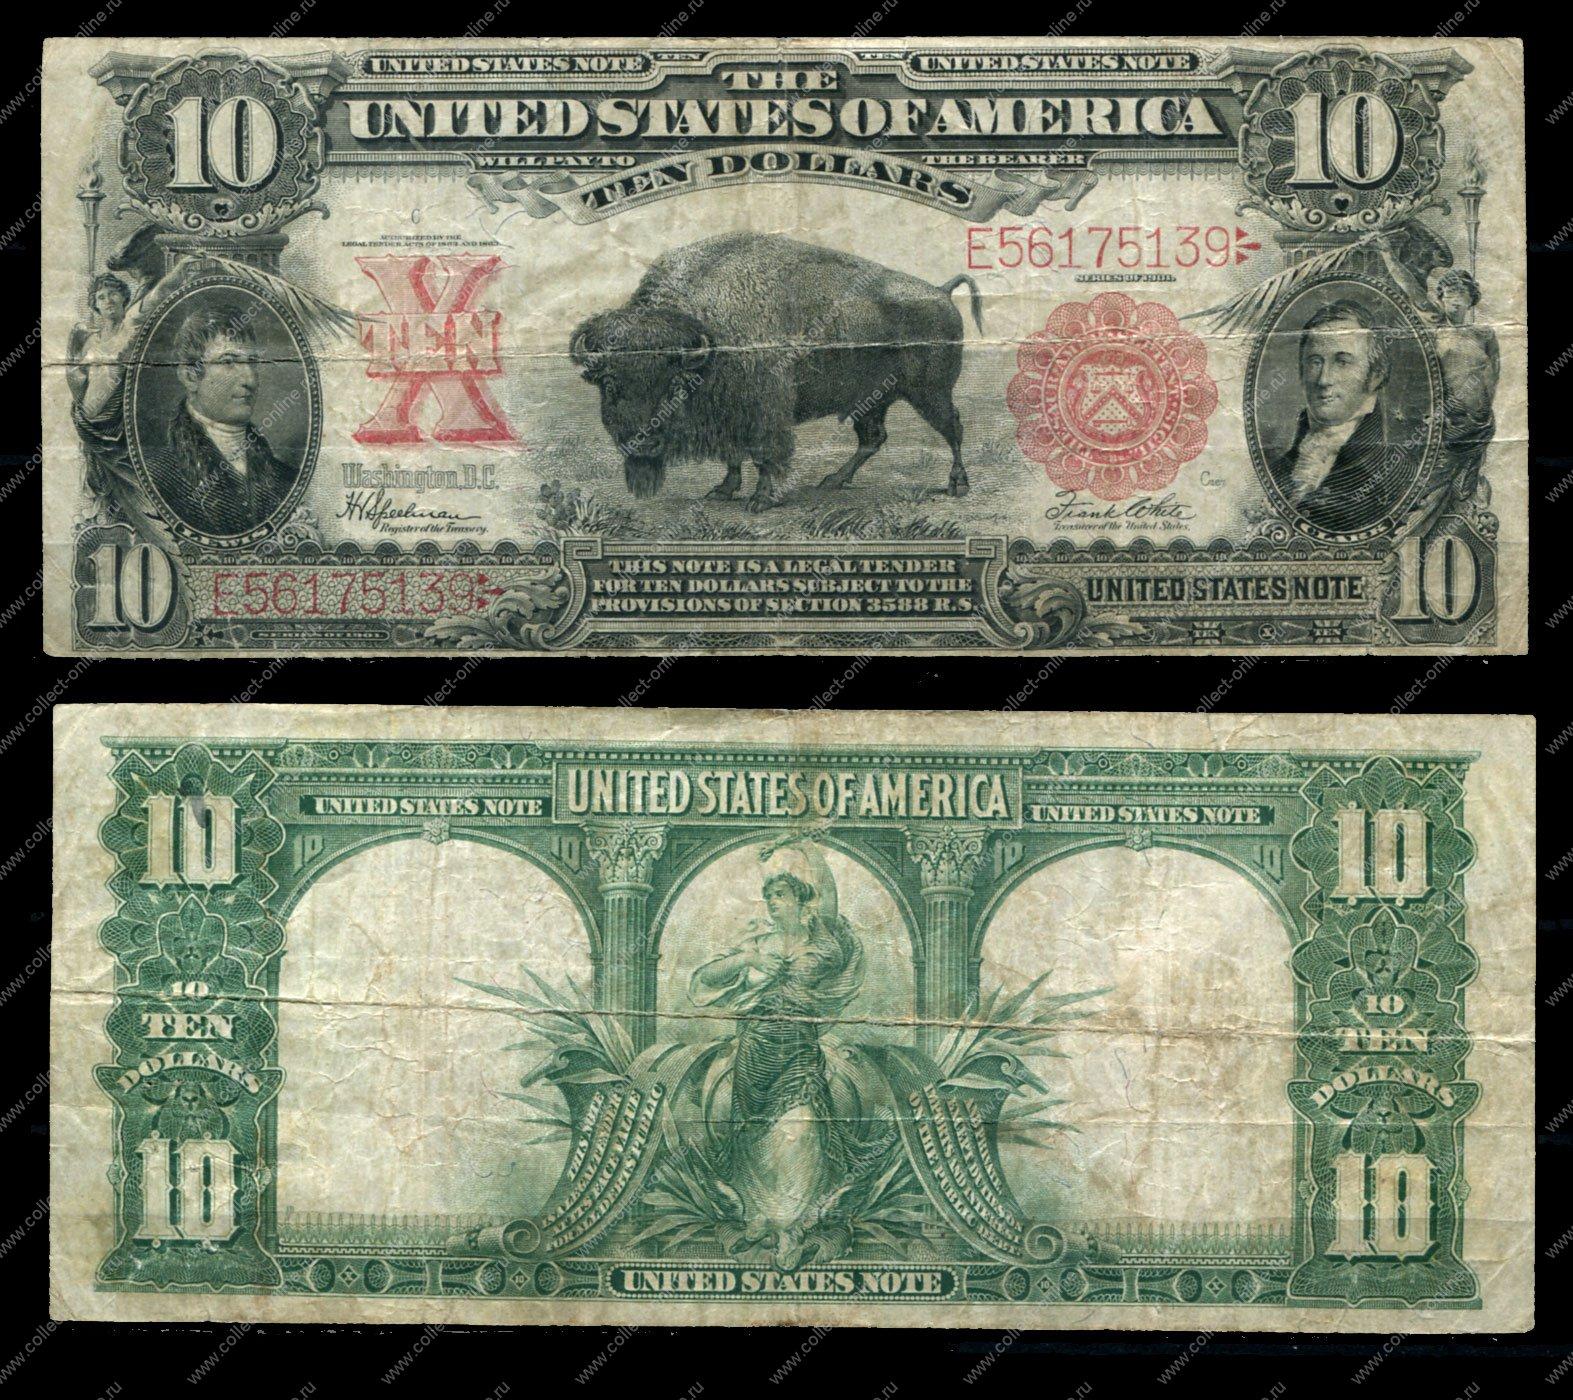 1 доллар 2001 год сша бизон почему дороже других стоимость монеты екатерина 2 1766 года цена